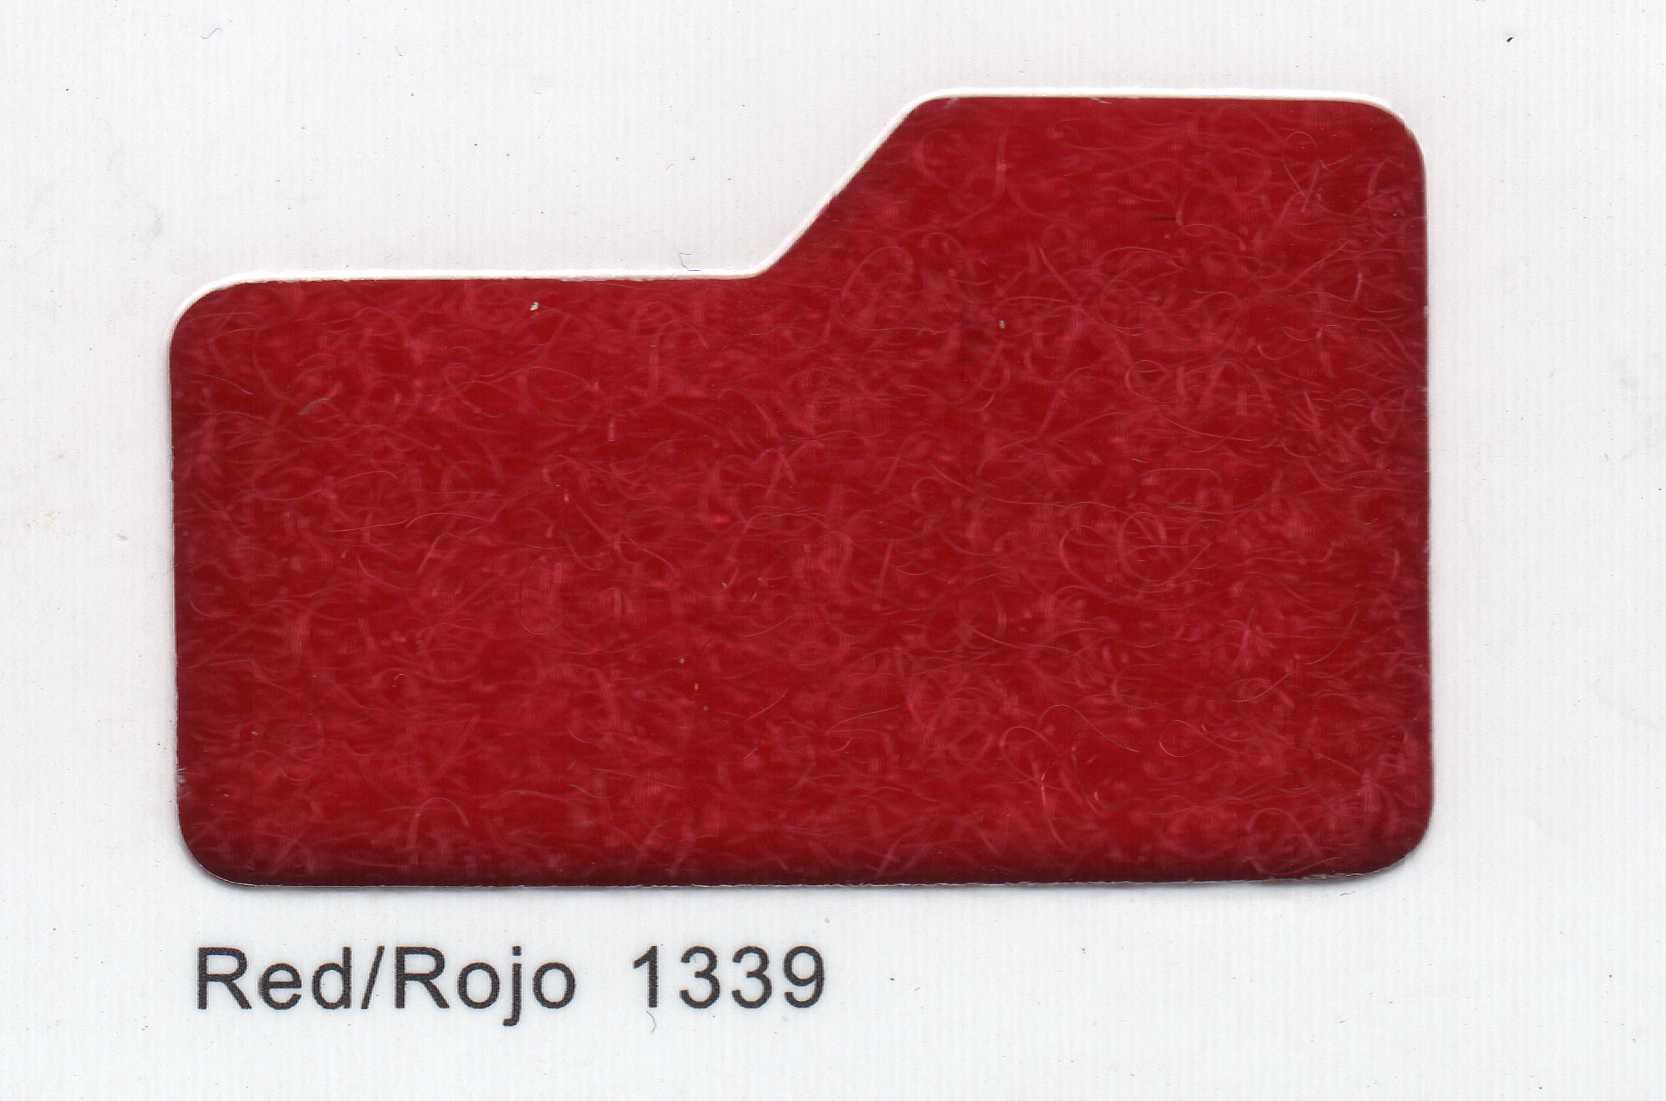 Cinta de cierre Velcro-Veraco 50mm Rojo 1339 (Rizo).